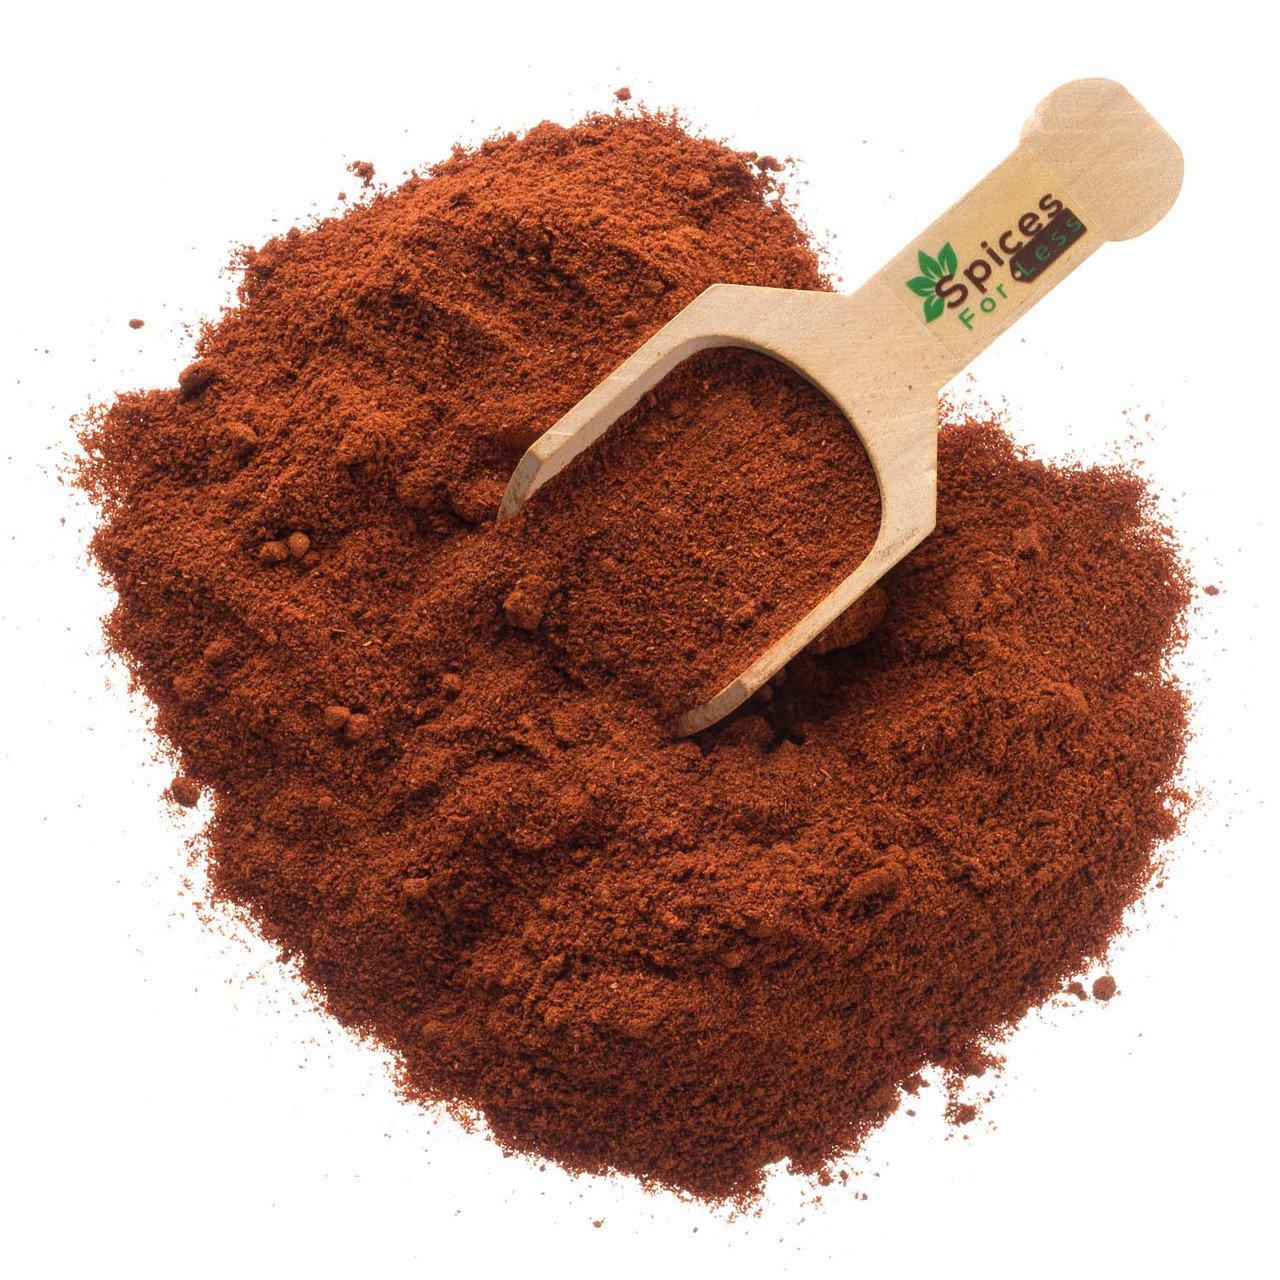 Spices For Less Chili Pepper, Guajillo Powder - 5 lbs Bulk